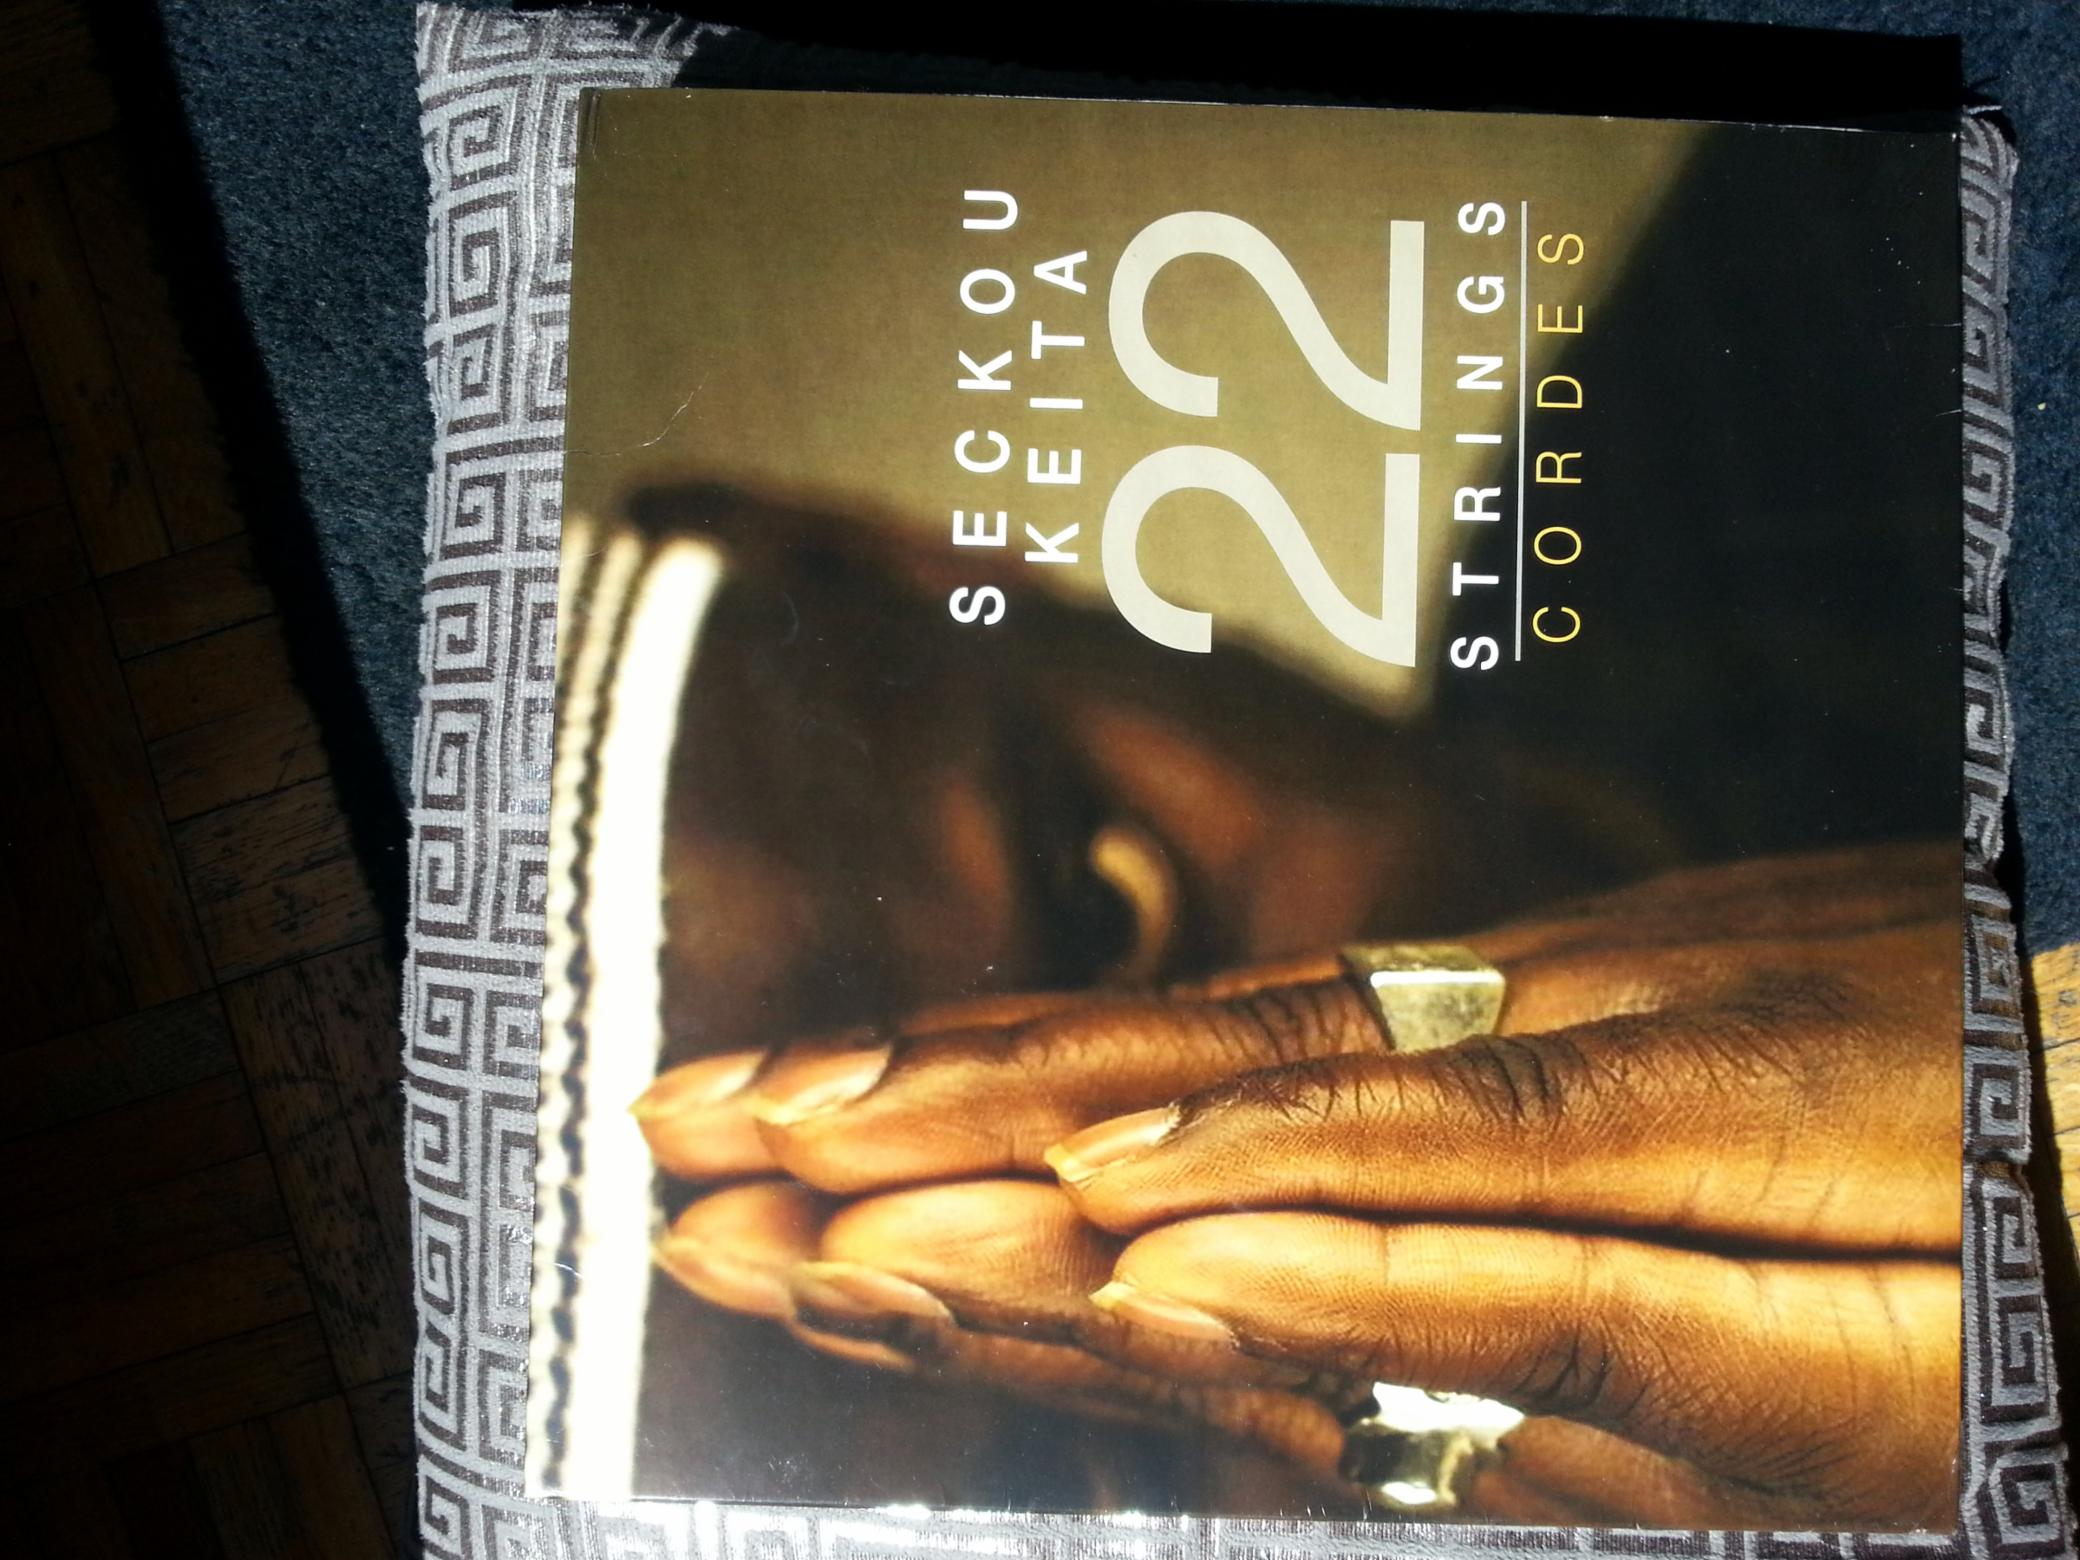 27 achat et vente de CD/DVD/VINYLES etc achat-vente CD/DVD/BD/Vinyles achat et vente de CD/DVD/VINYLES etc